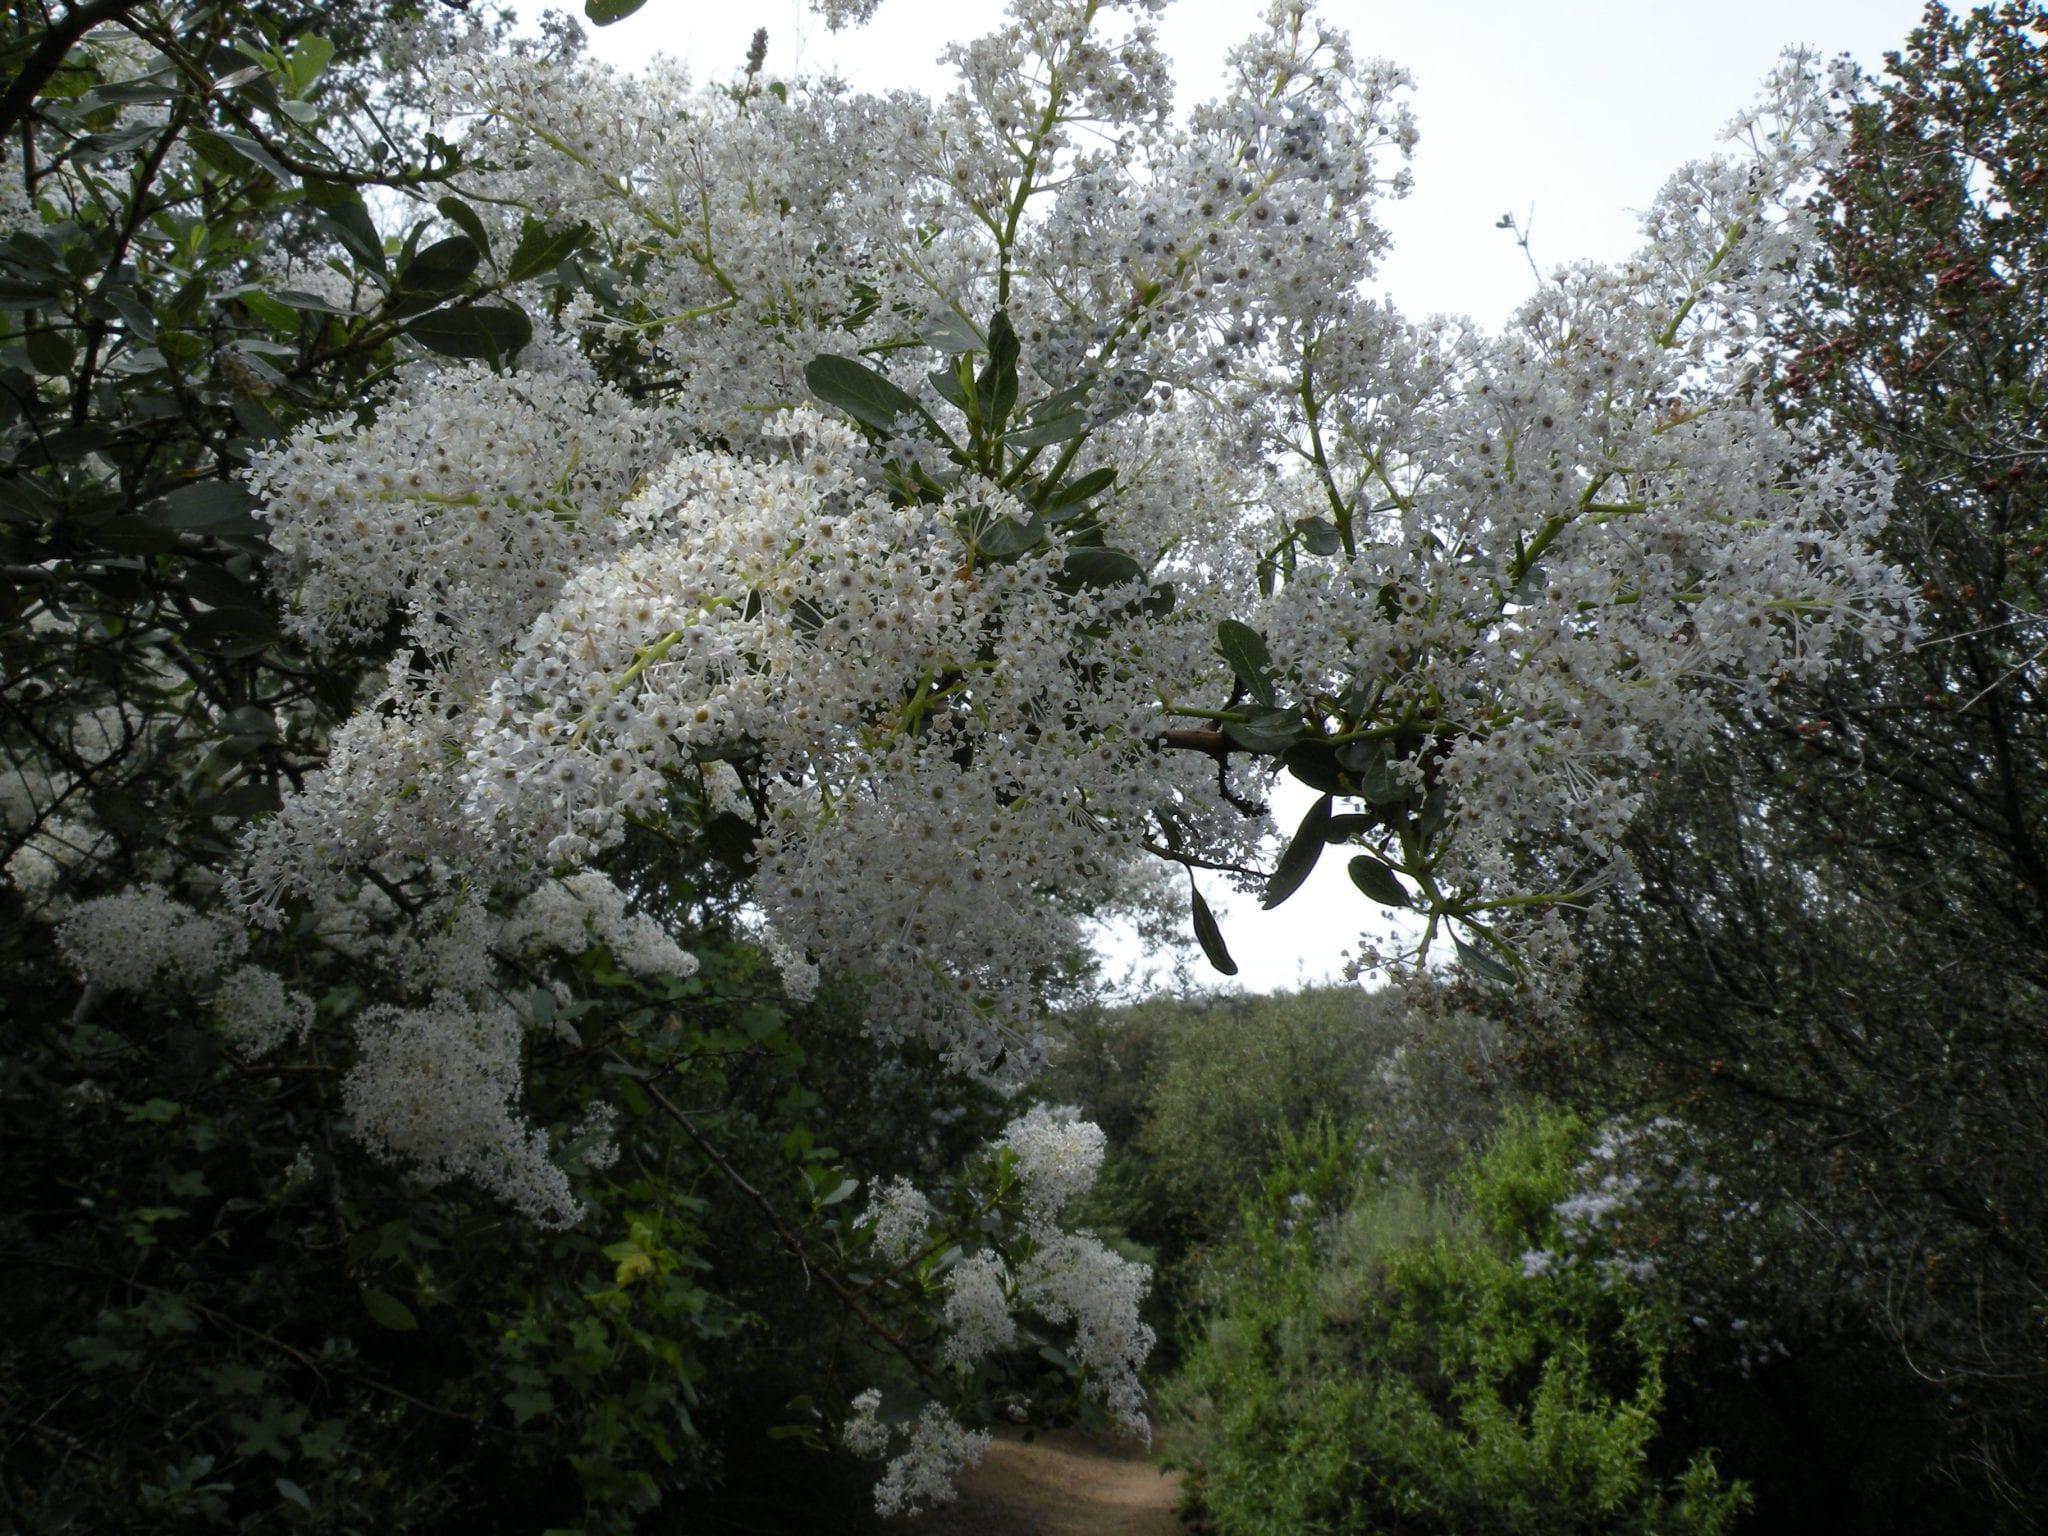 Ceanothus over trail